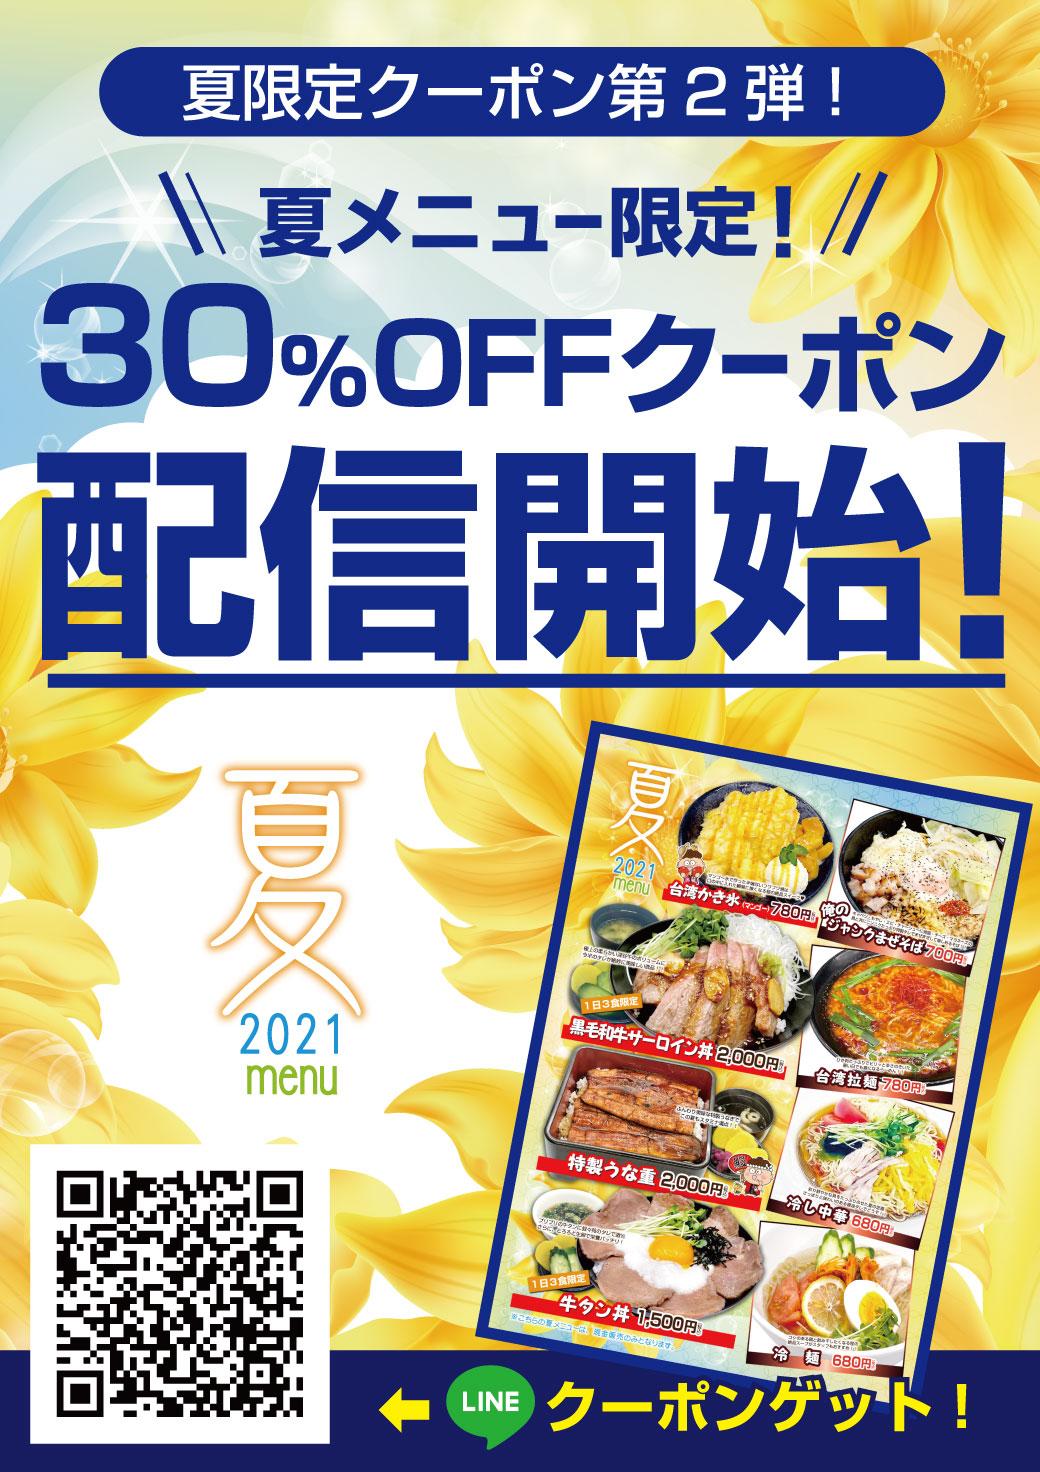 【草加】第2弾夏メニュー2021LINE30%OFFクーポン配信開始